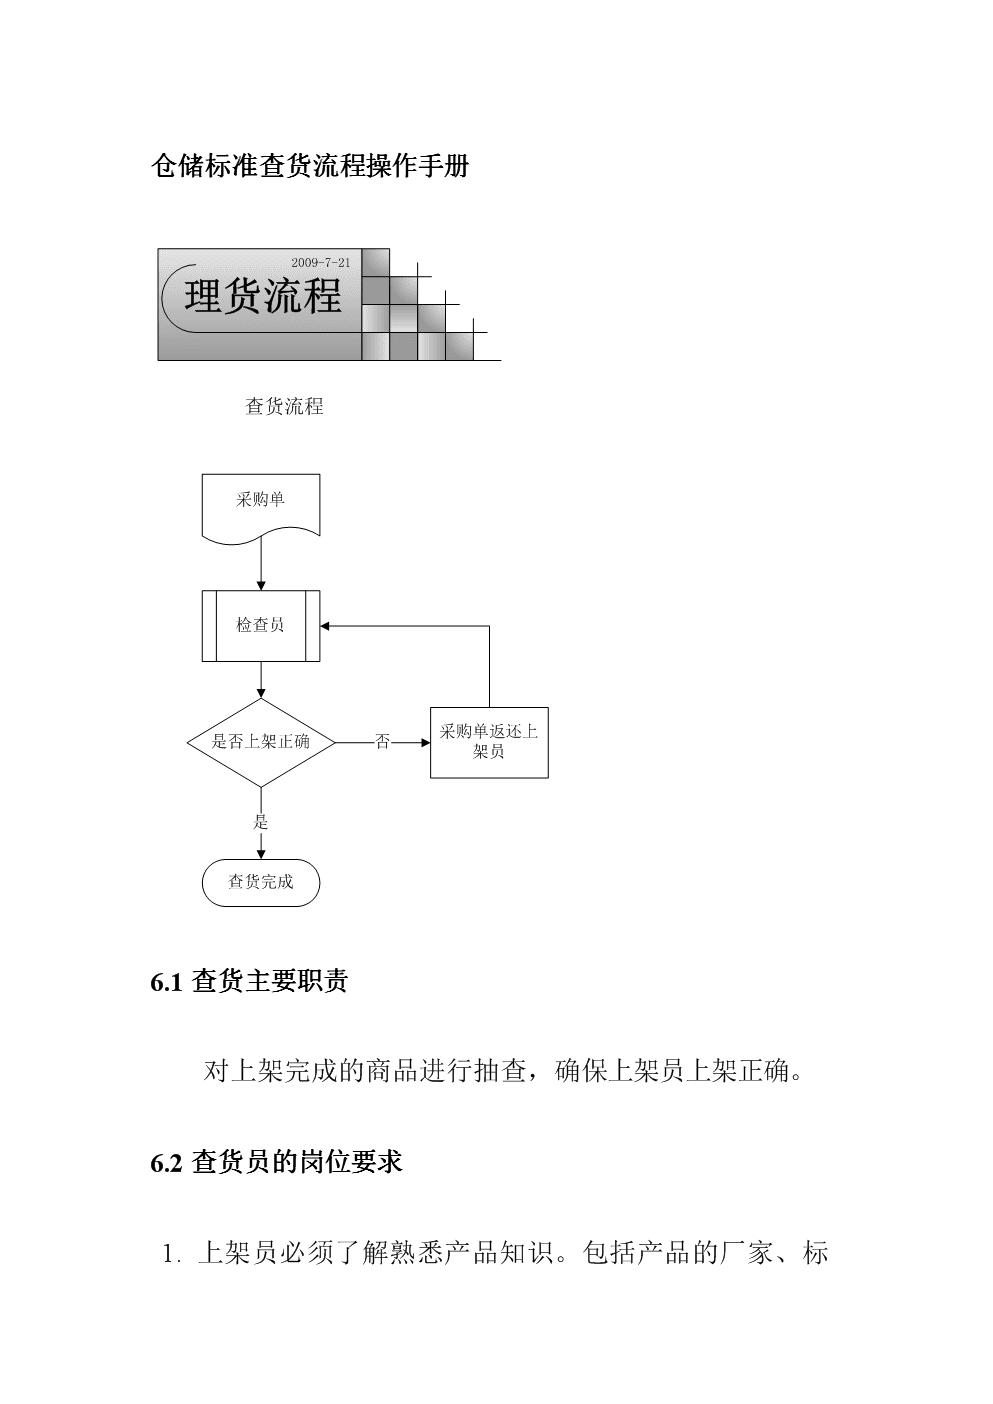 仓储标准查货流程操作手册.doc